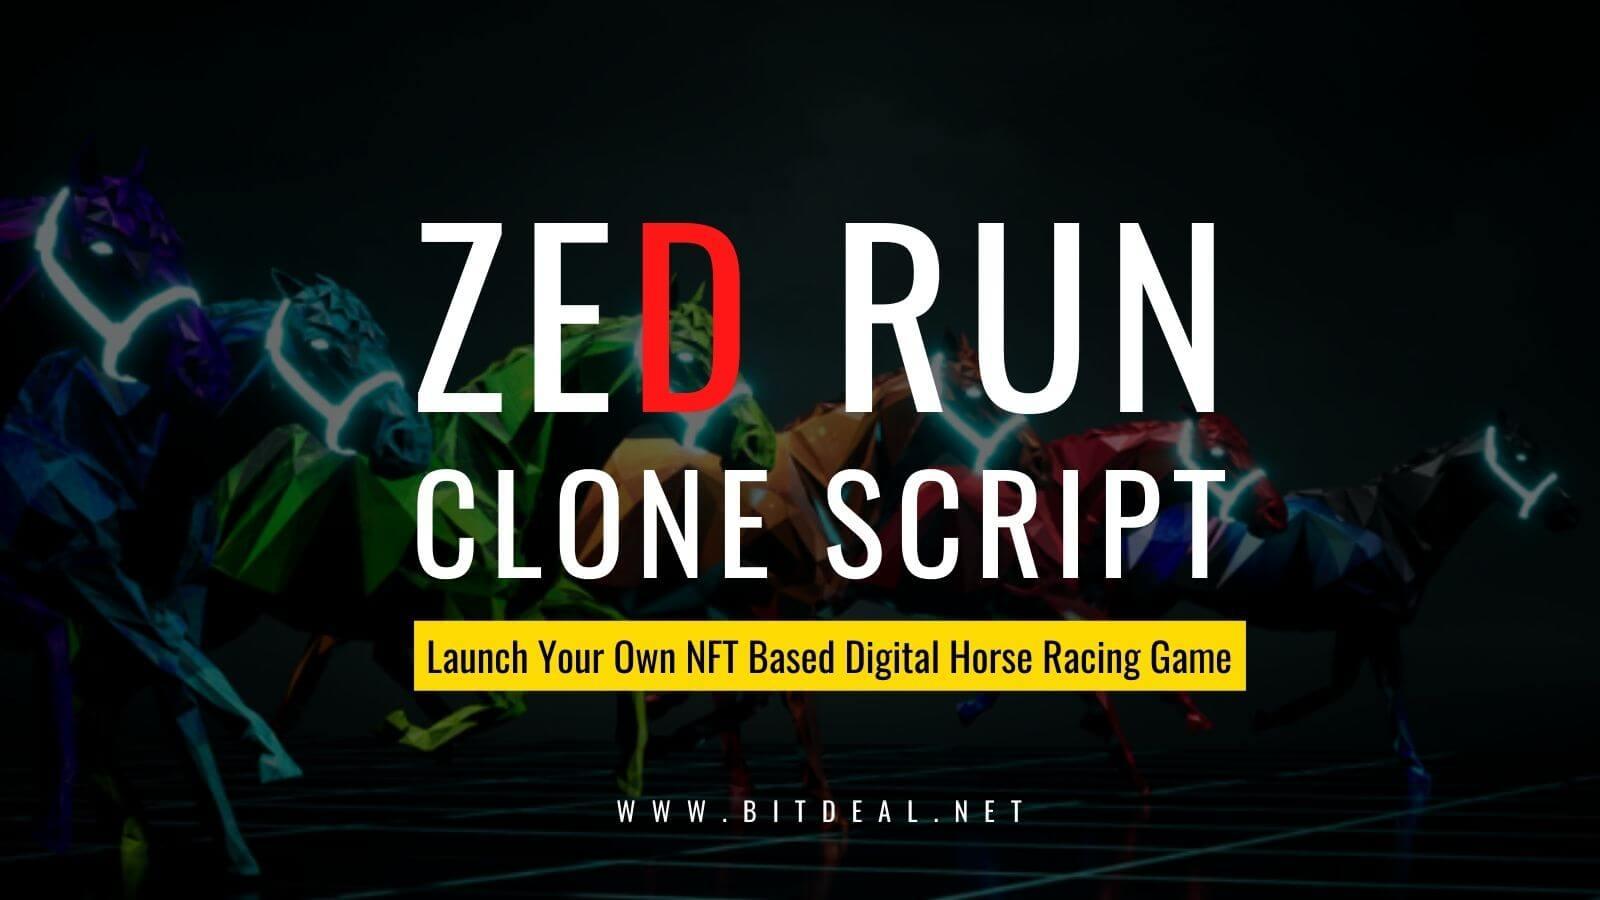 Create Your Own Digital Horse Racing Game Like Zed Run - Zed Run Clone